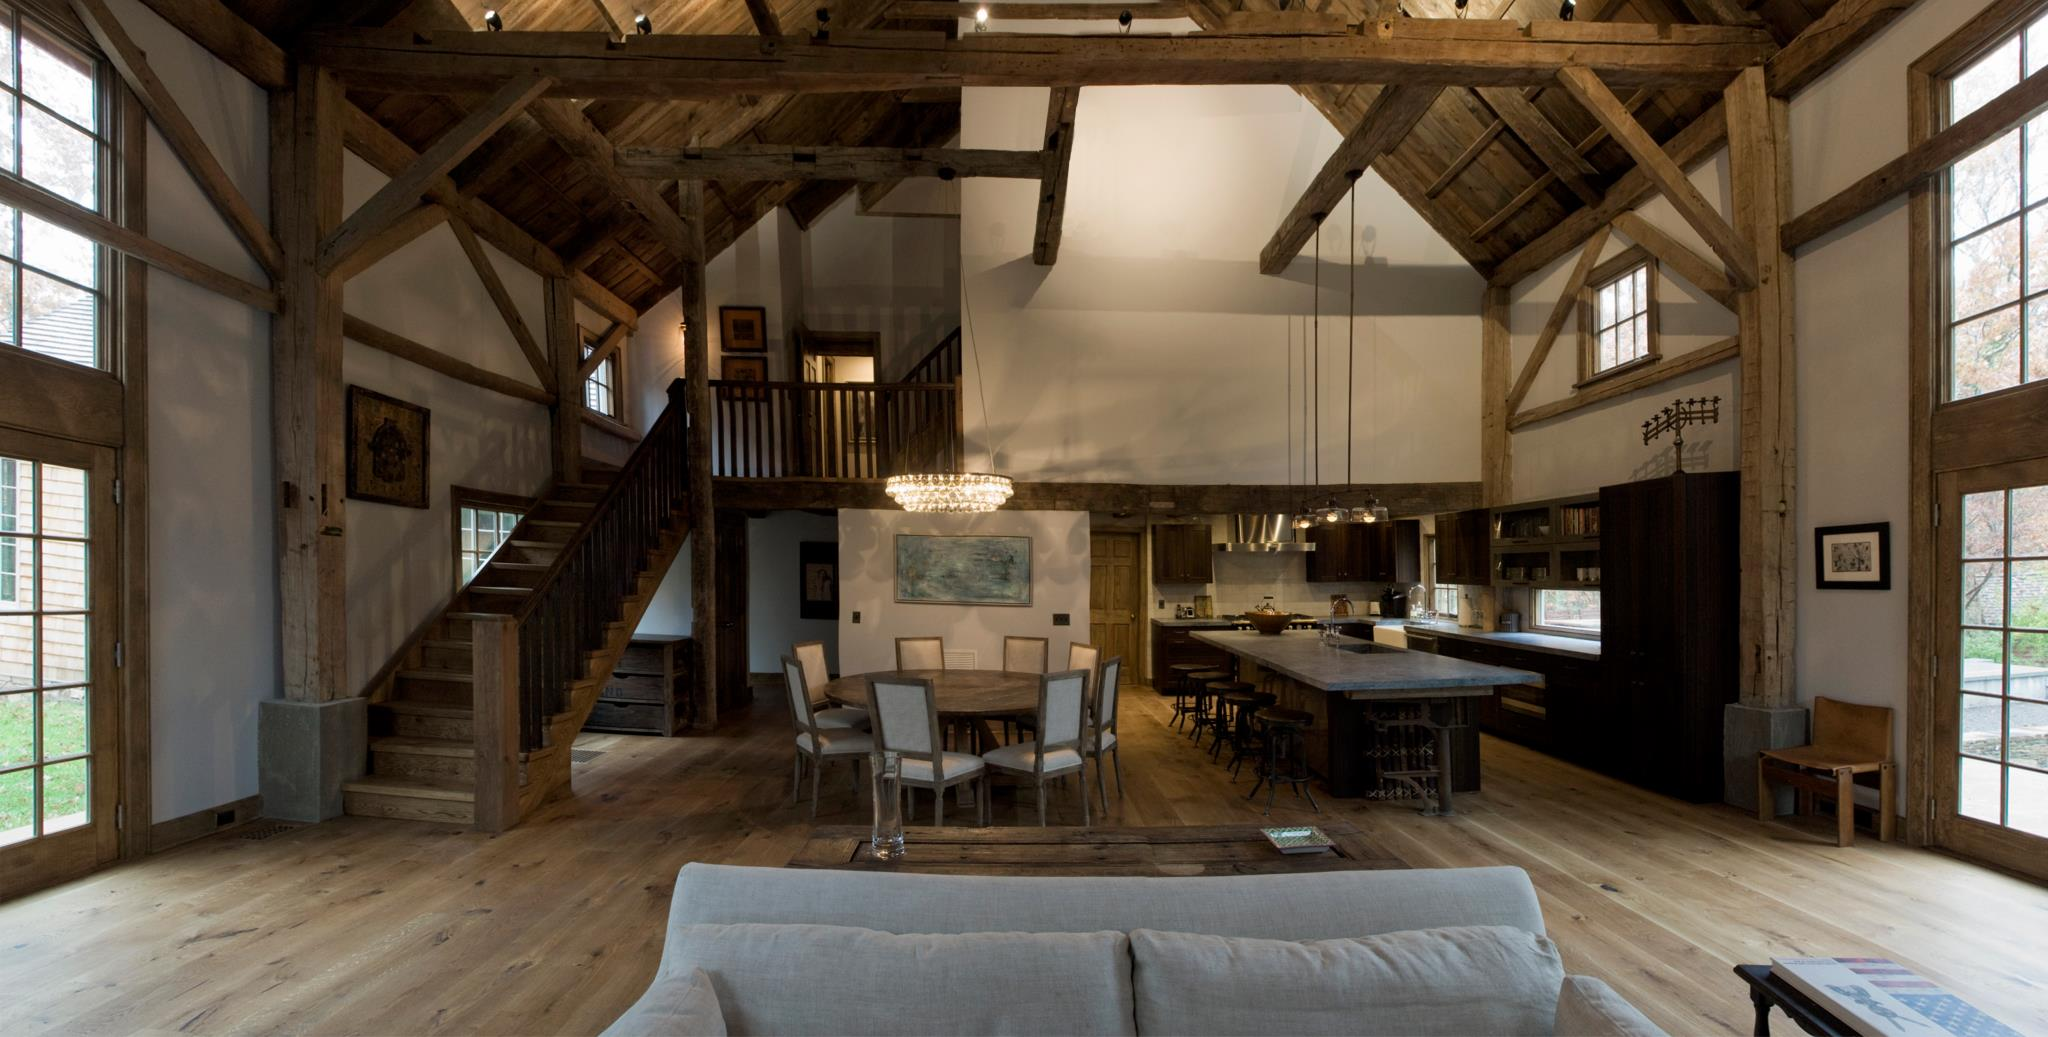 dennis-schorndorf-barn-restoration-open-concept-after